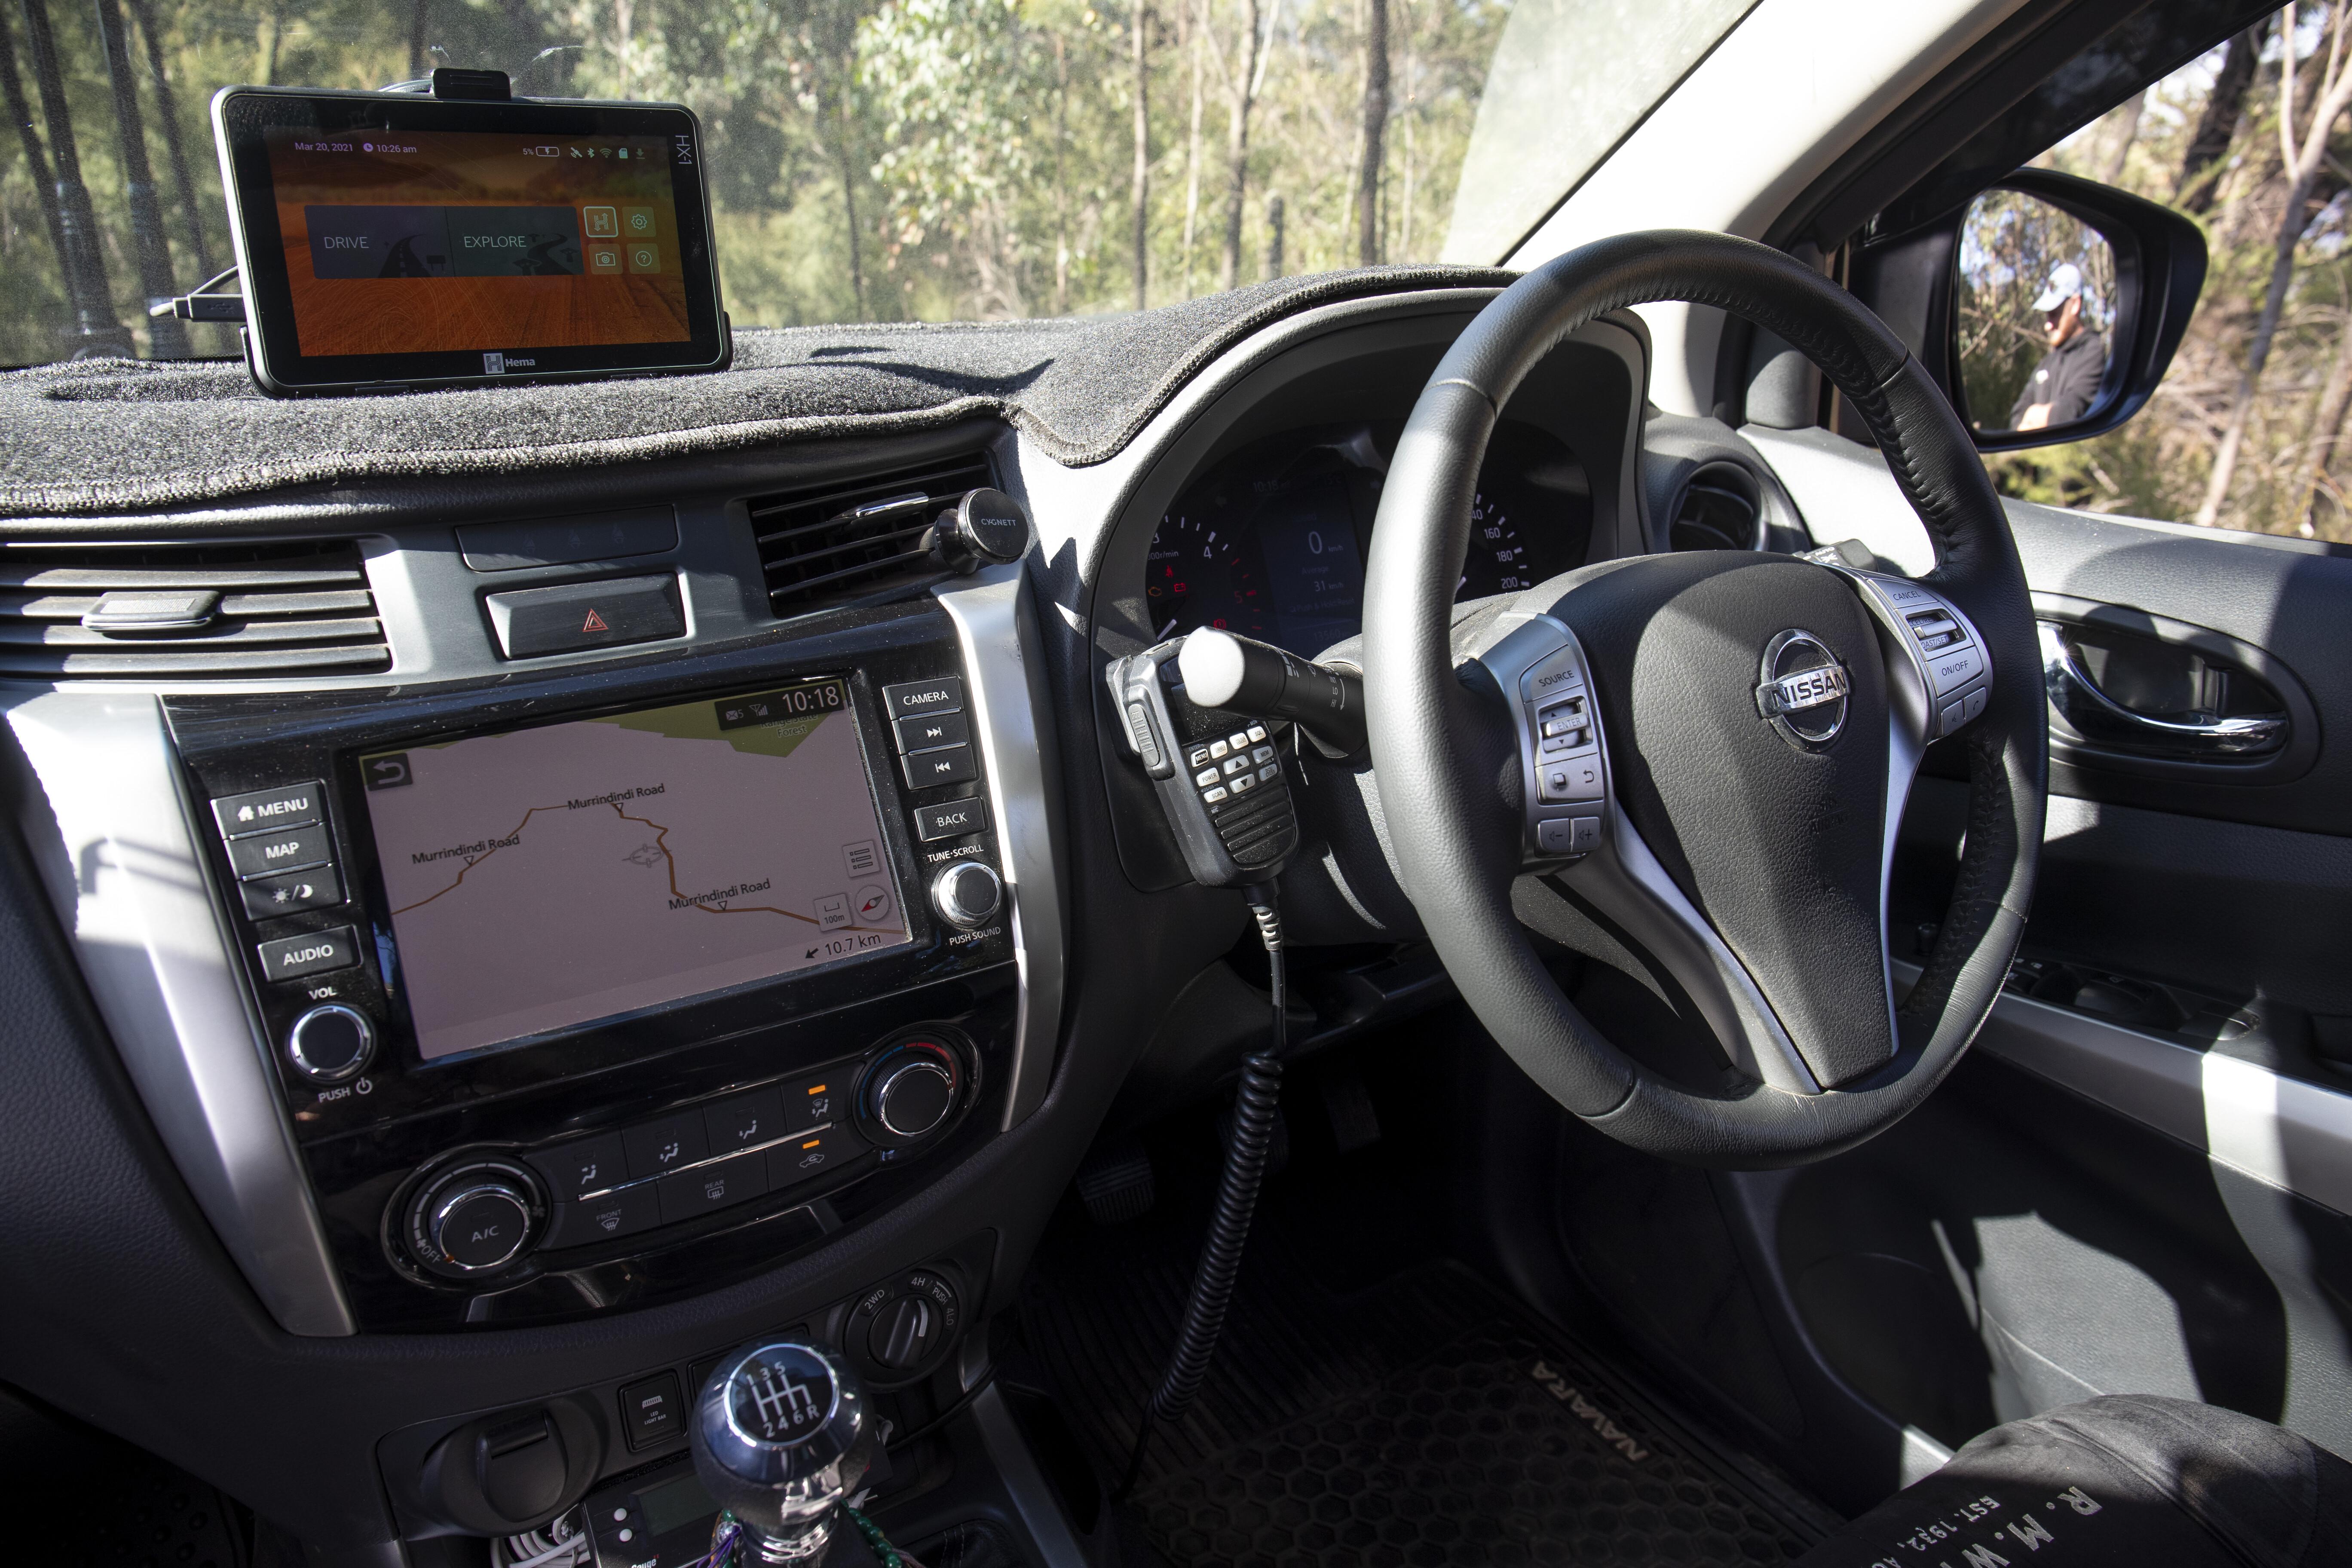 4 X 4 Australia Reviews 2021 June 2021 2020 Nissan Navara ST Custom 4 X 4 7